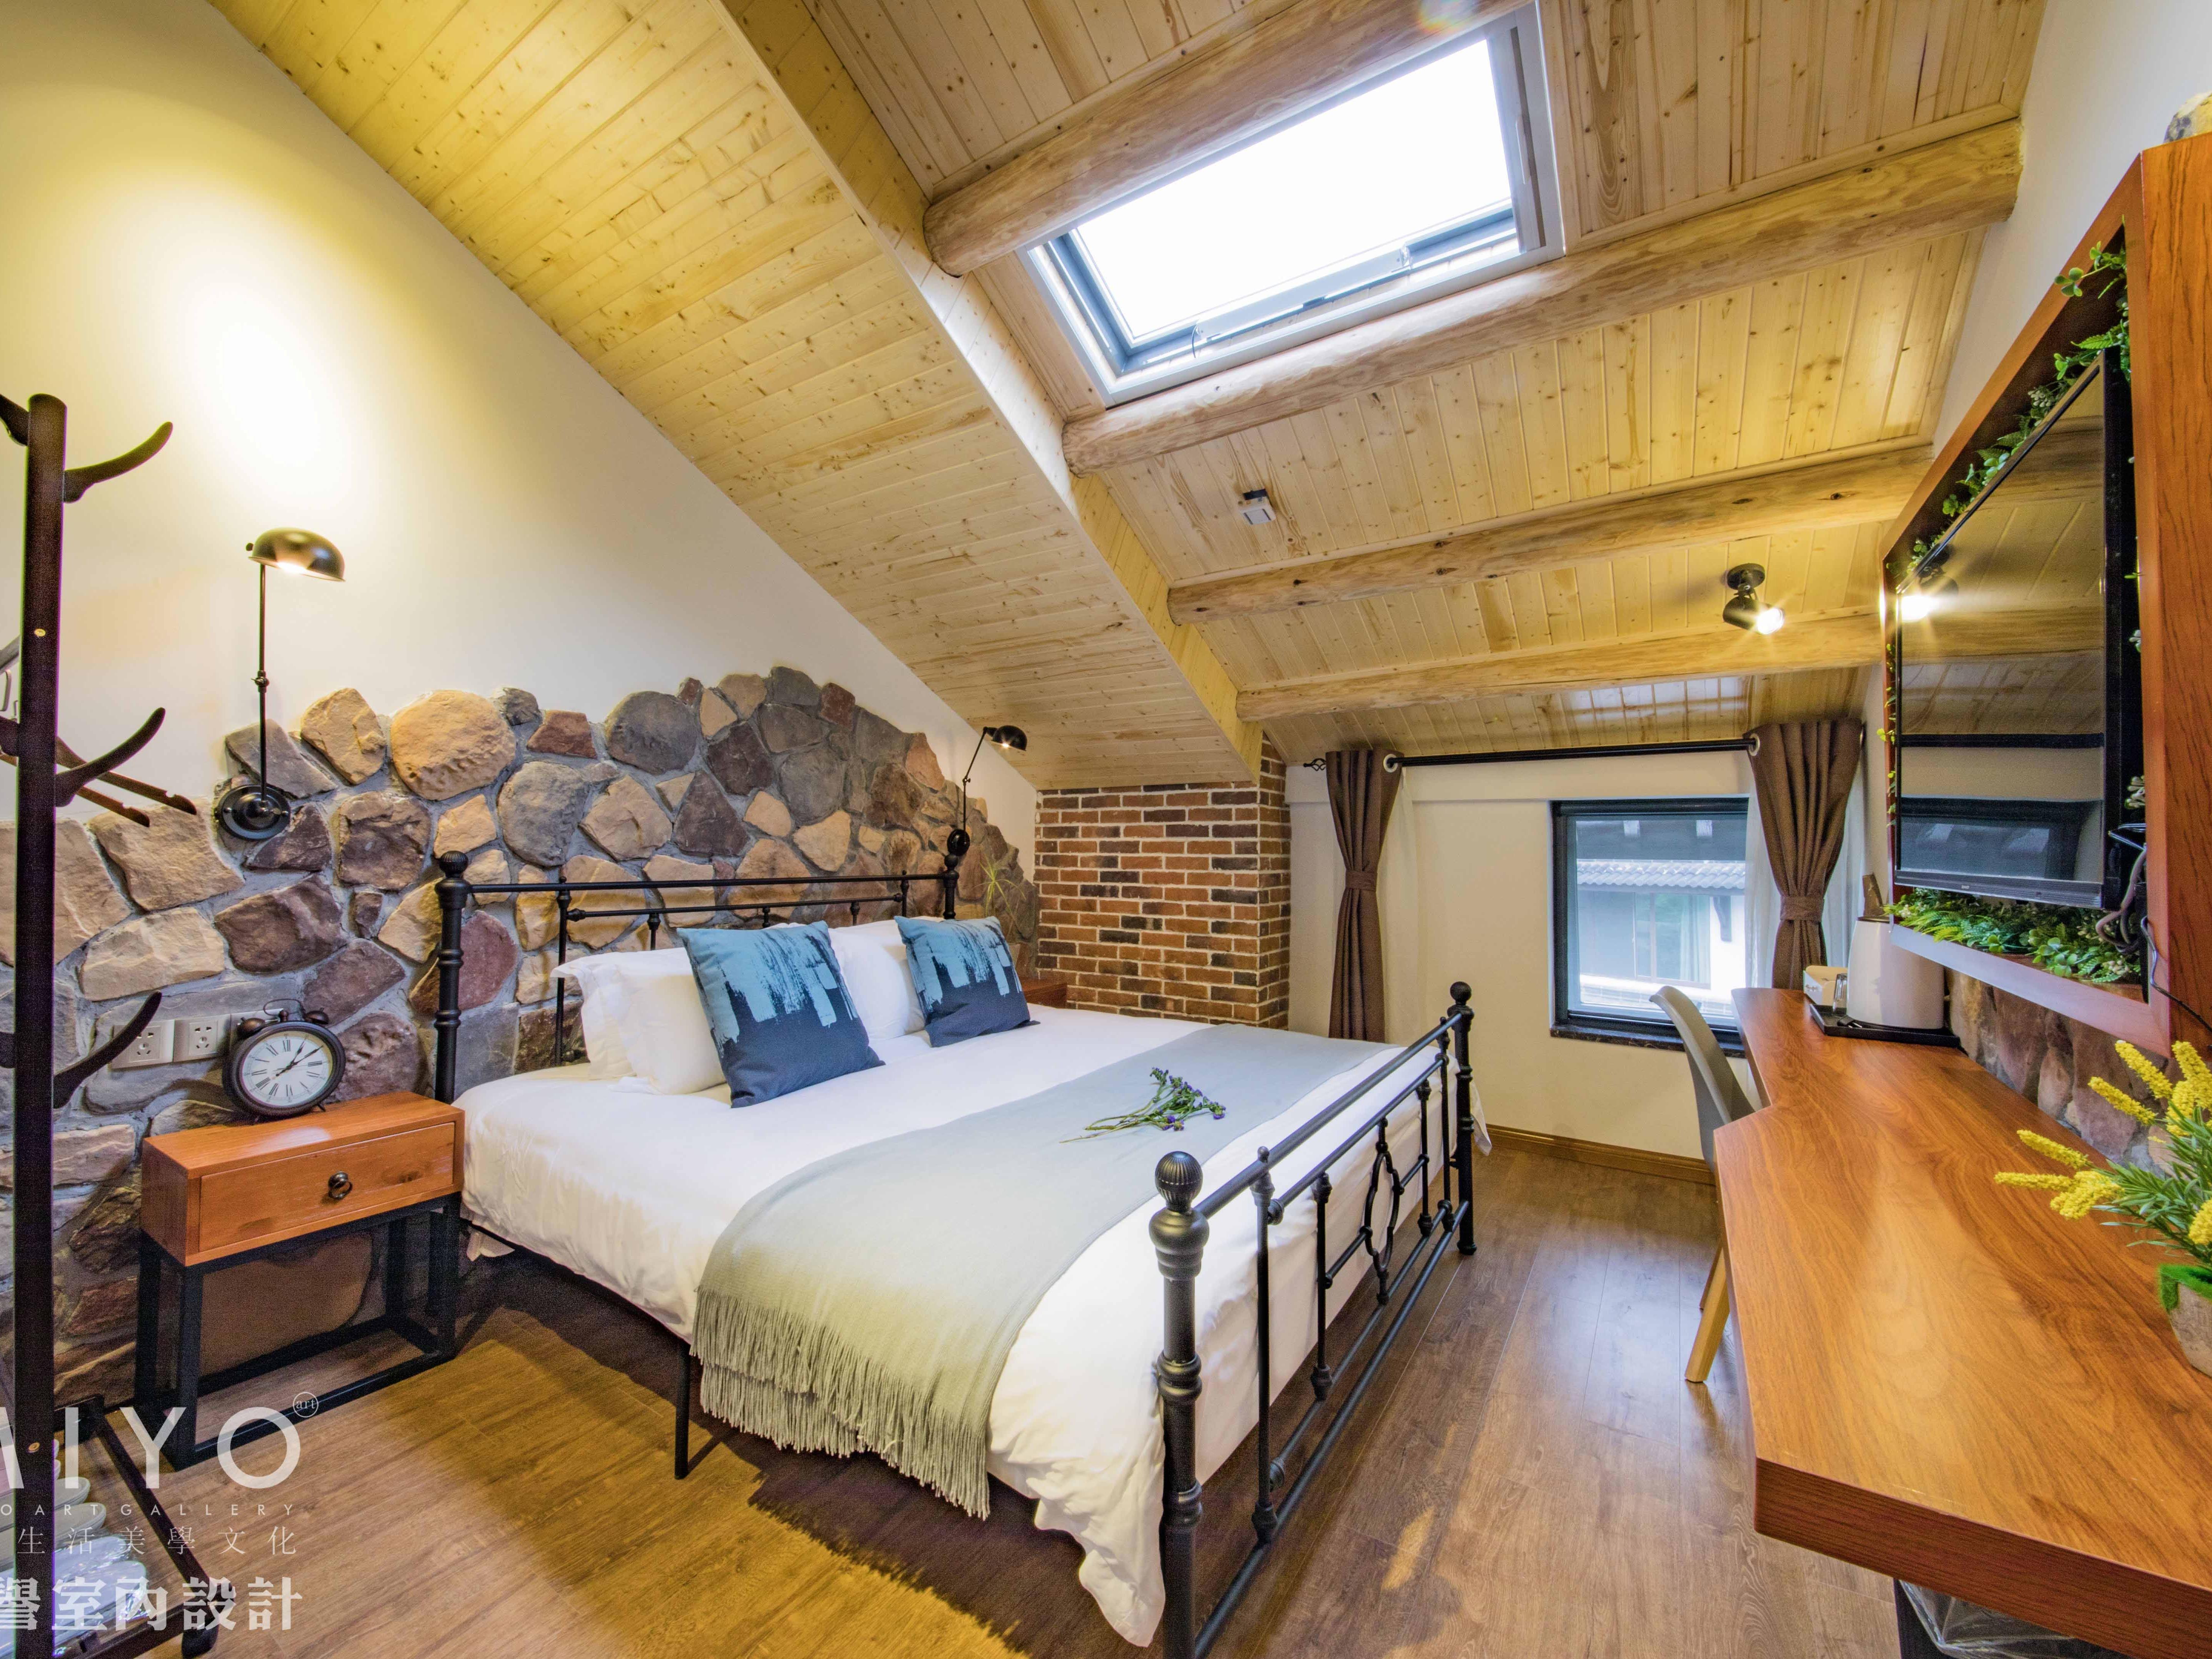 广西涠洲岛民宿设计案例分享——美誉设计